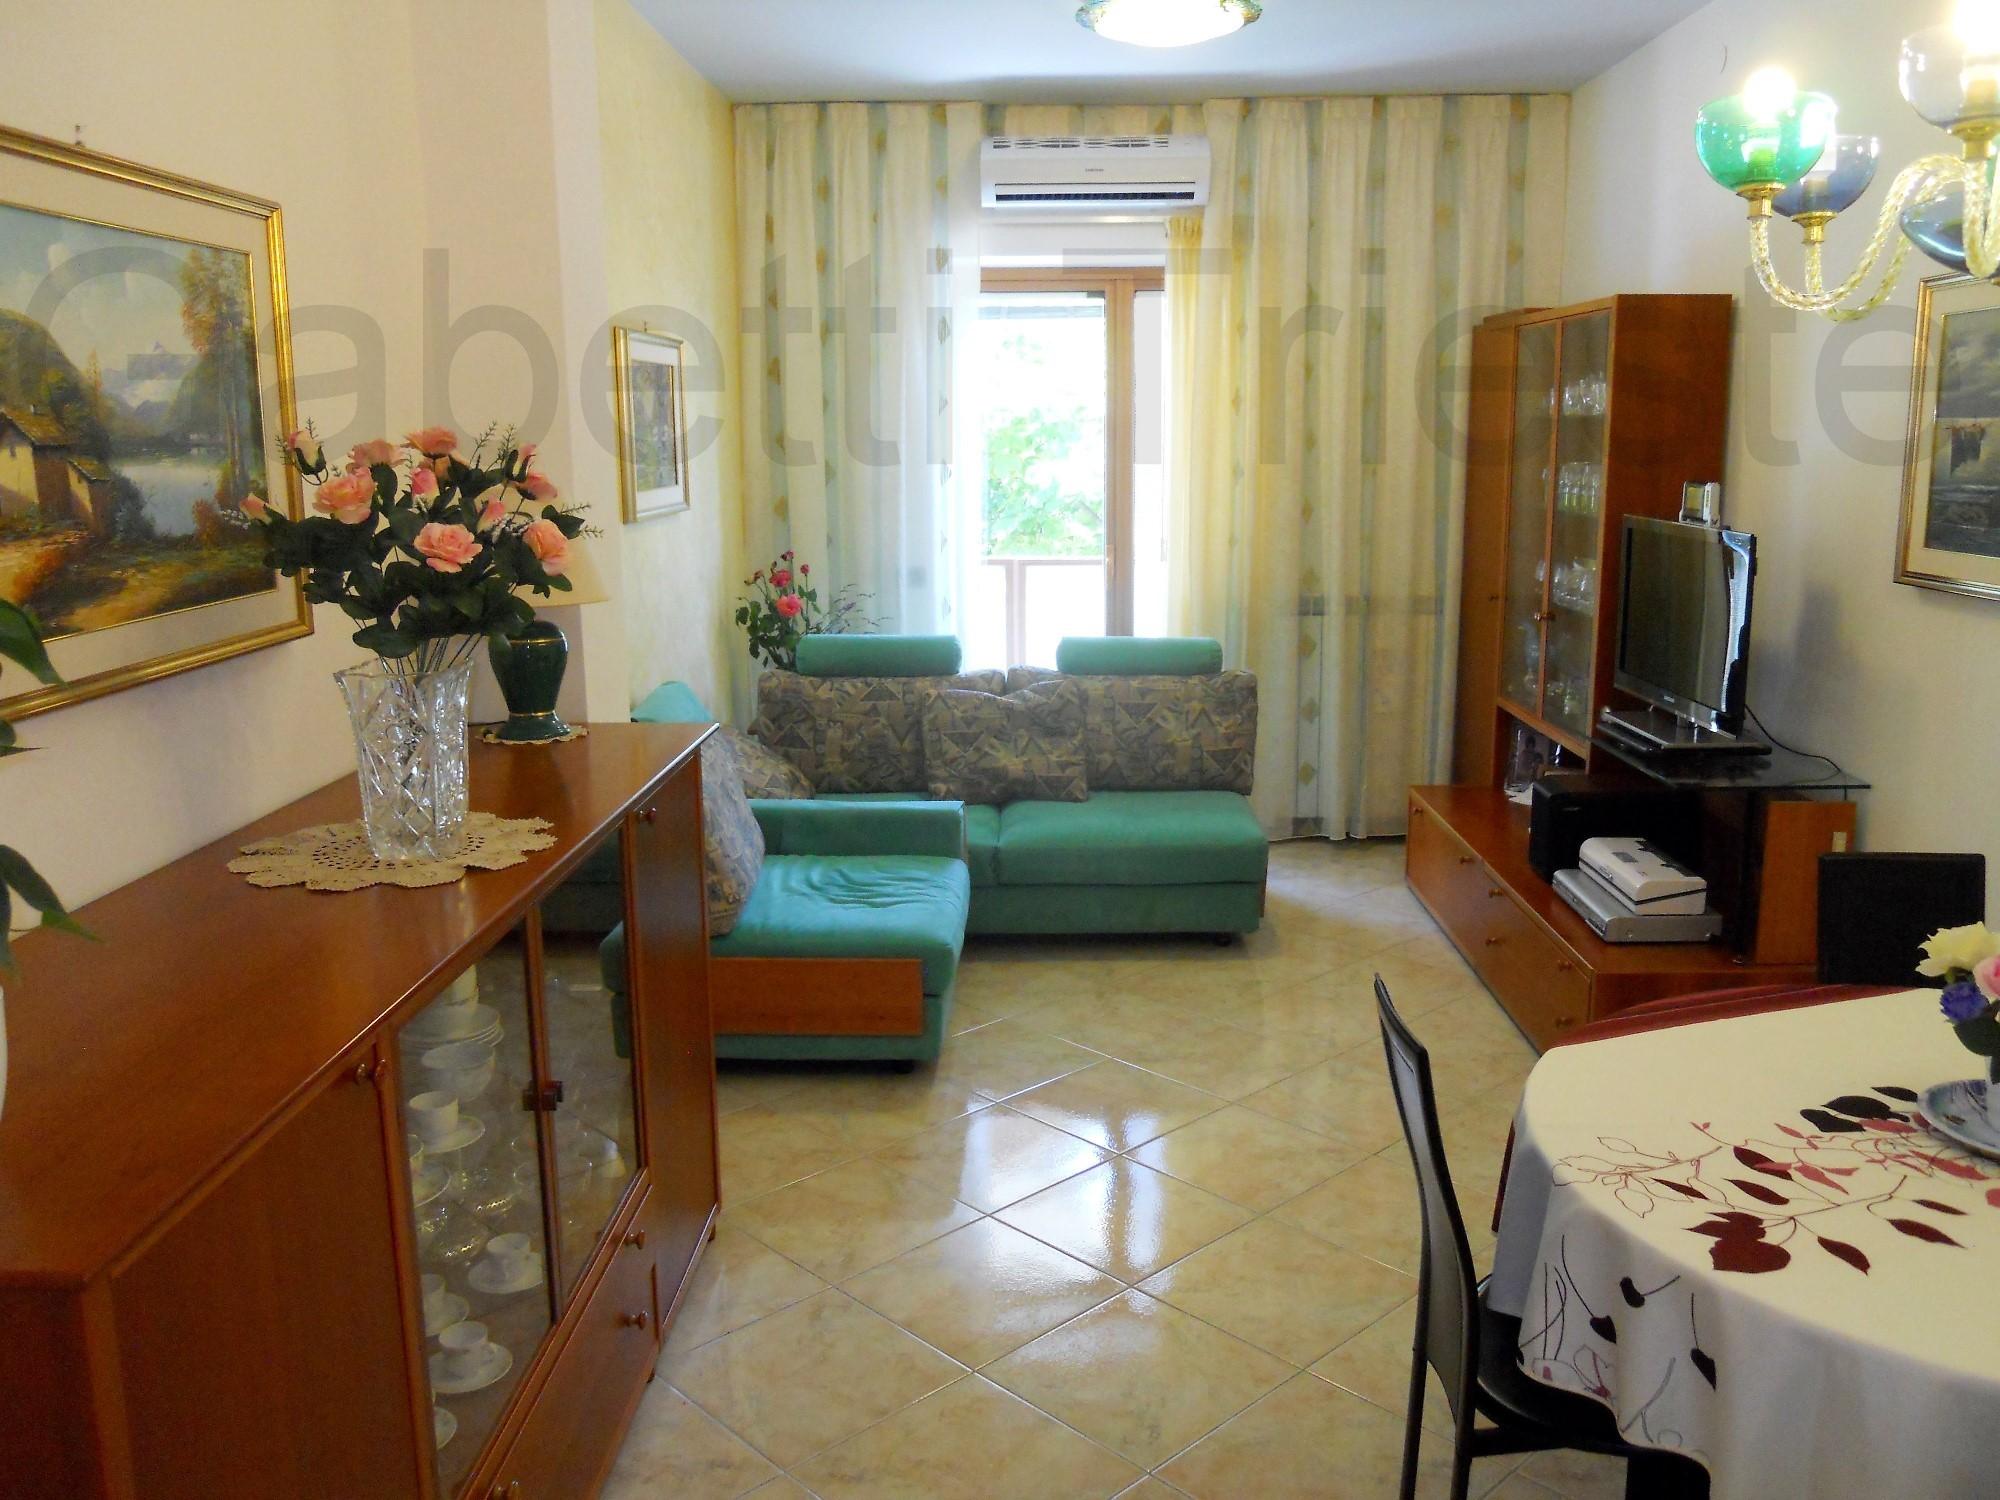 Arredamento soggiorno in stile moderno mobili e decorazioni di